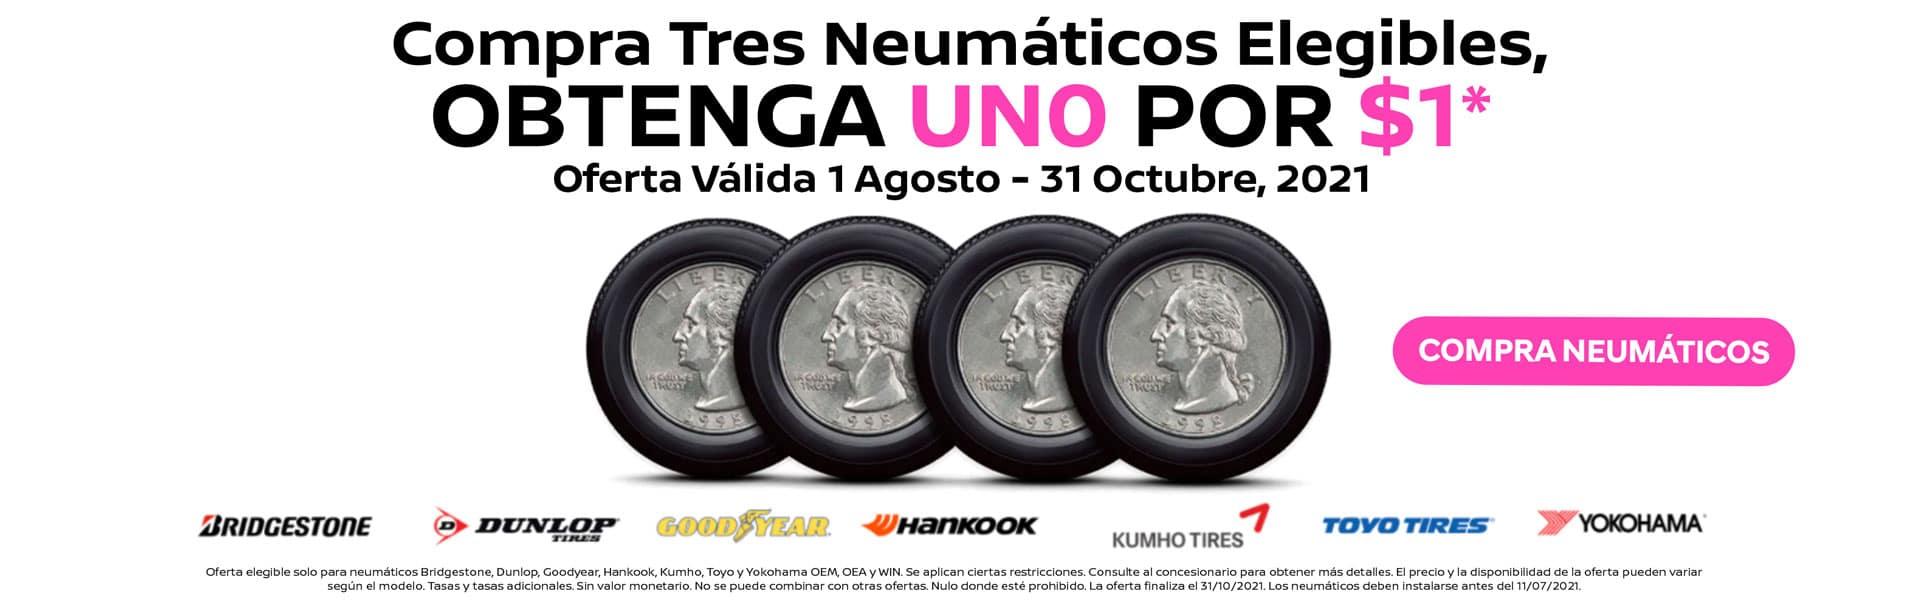 Compra 3 Neumáticos Elegibles, OBTENGA 1 POR $1